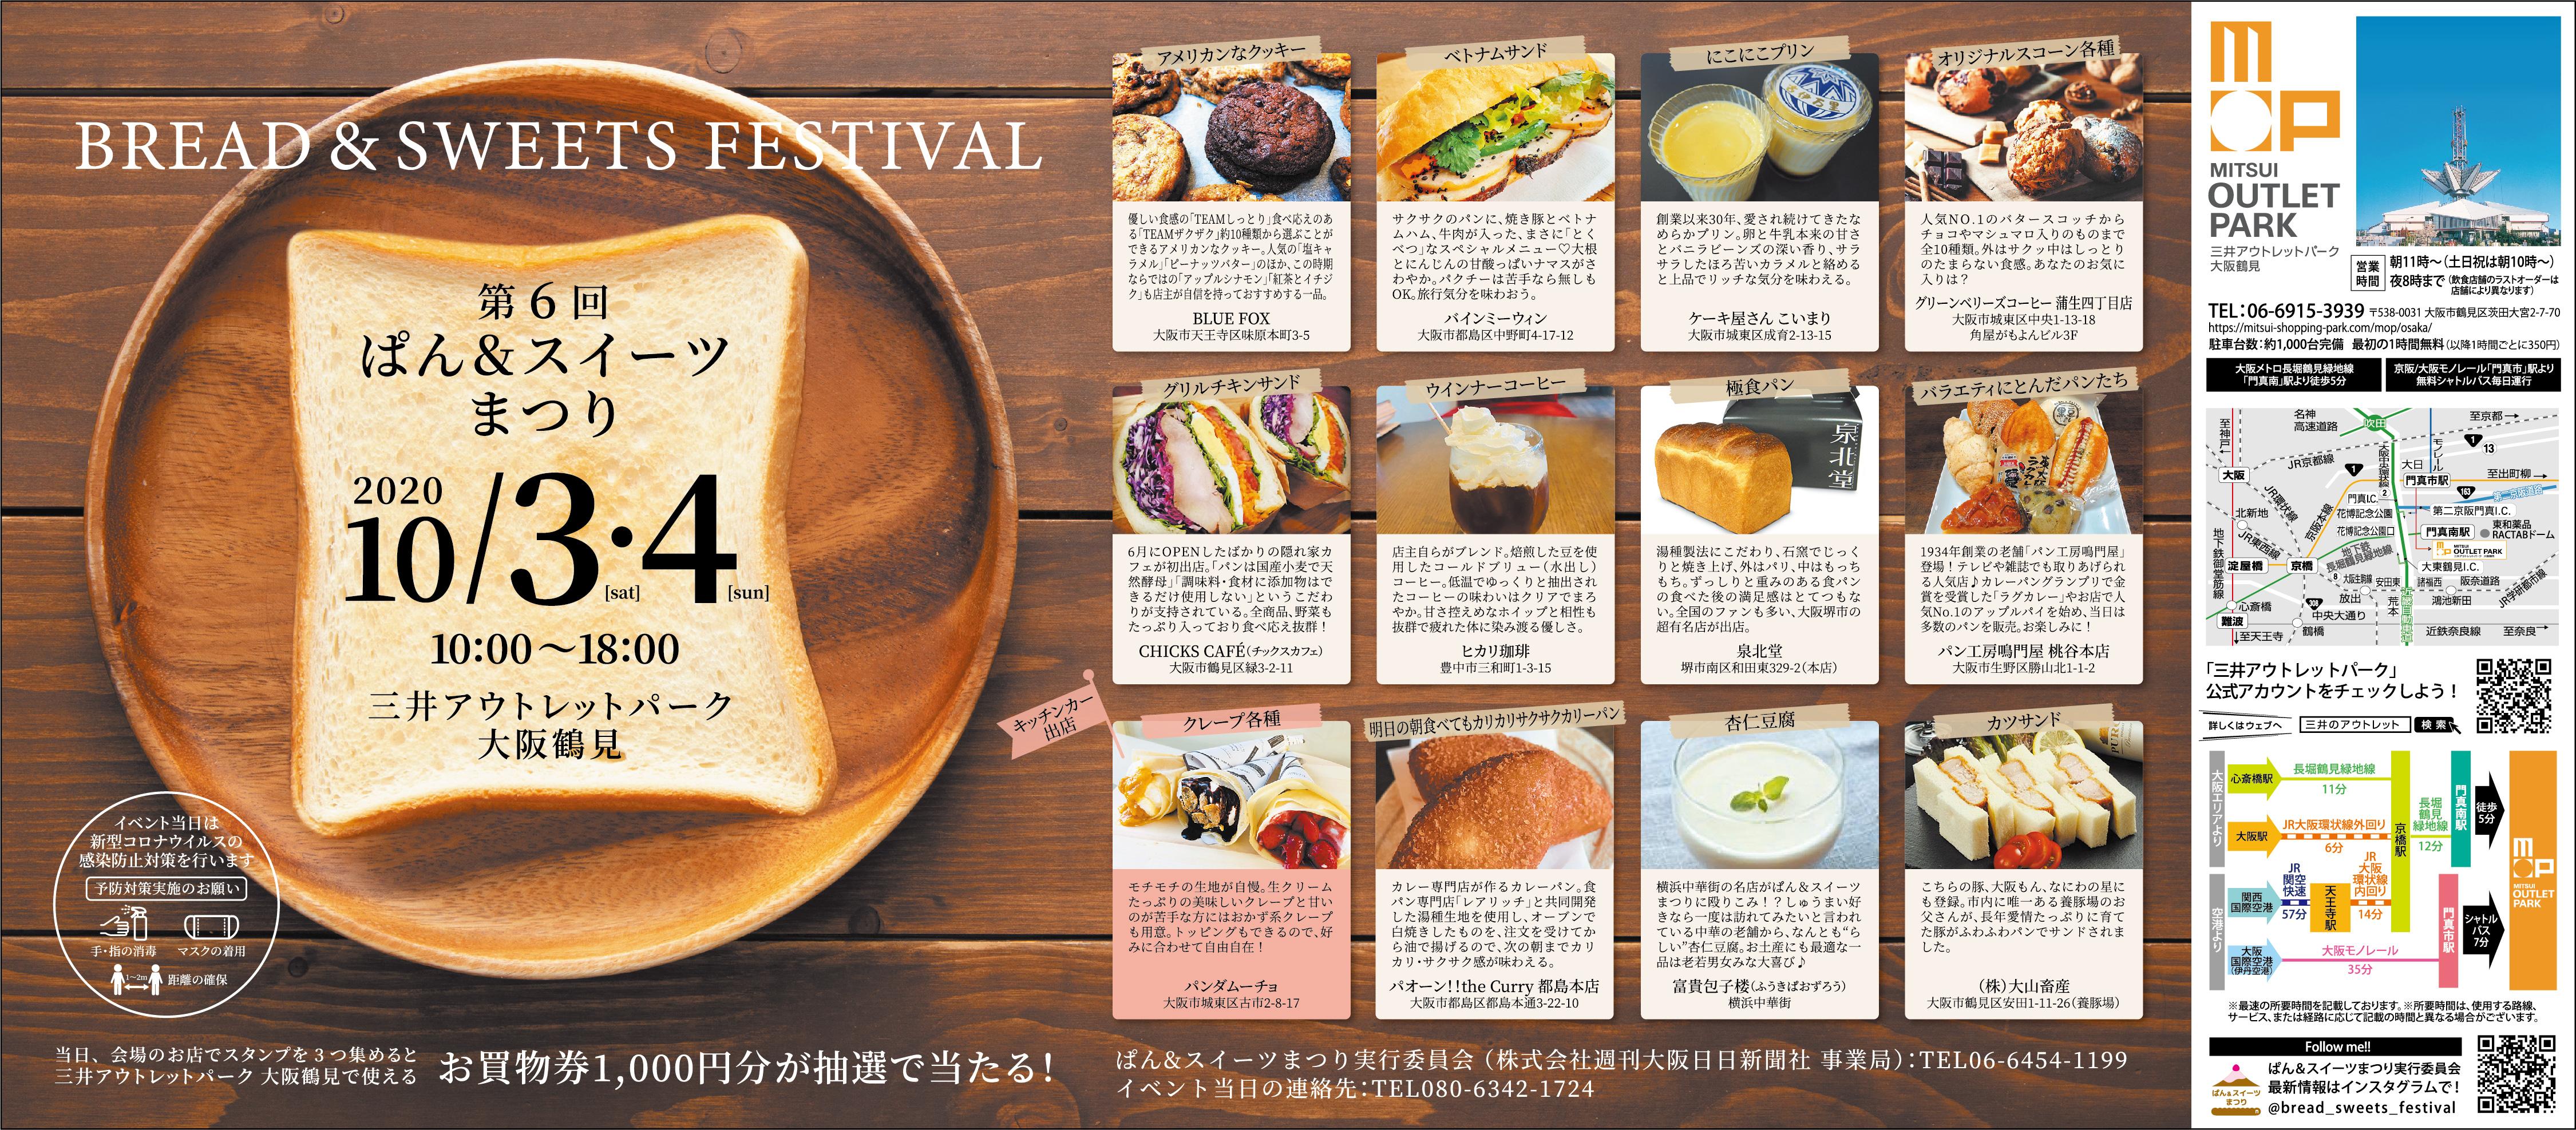 10月3日4日の、ぱん&スイーツまつりは三井アウトレットパーク大阪鶴見で開催!